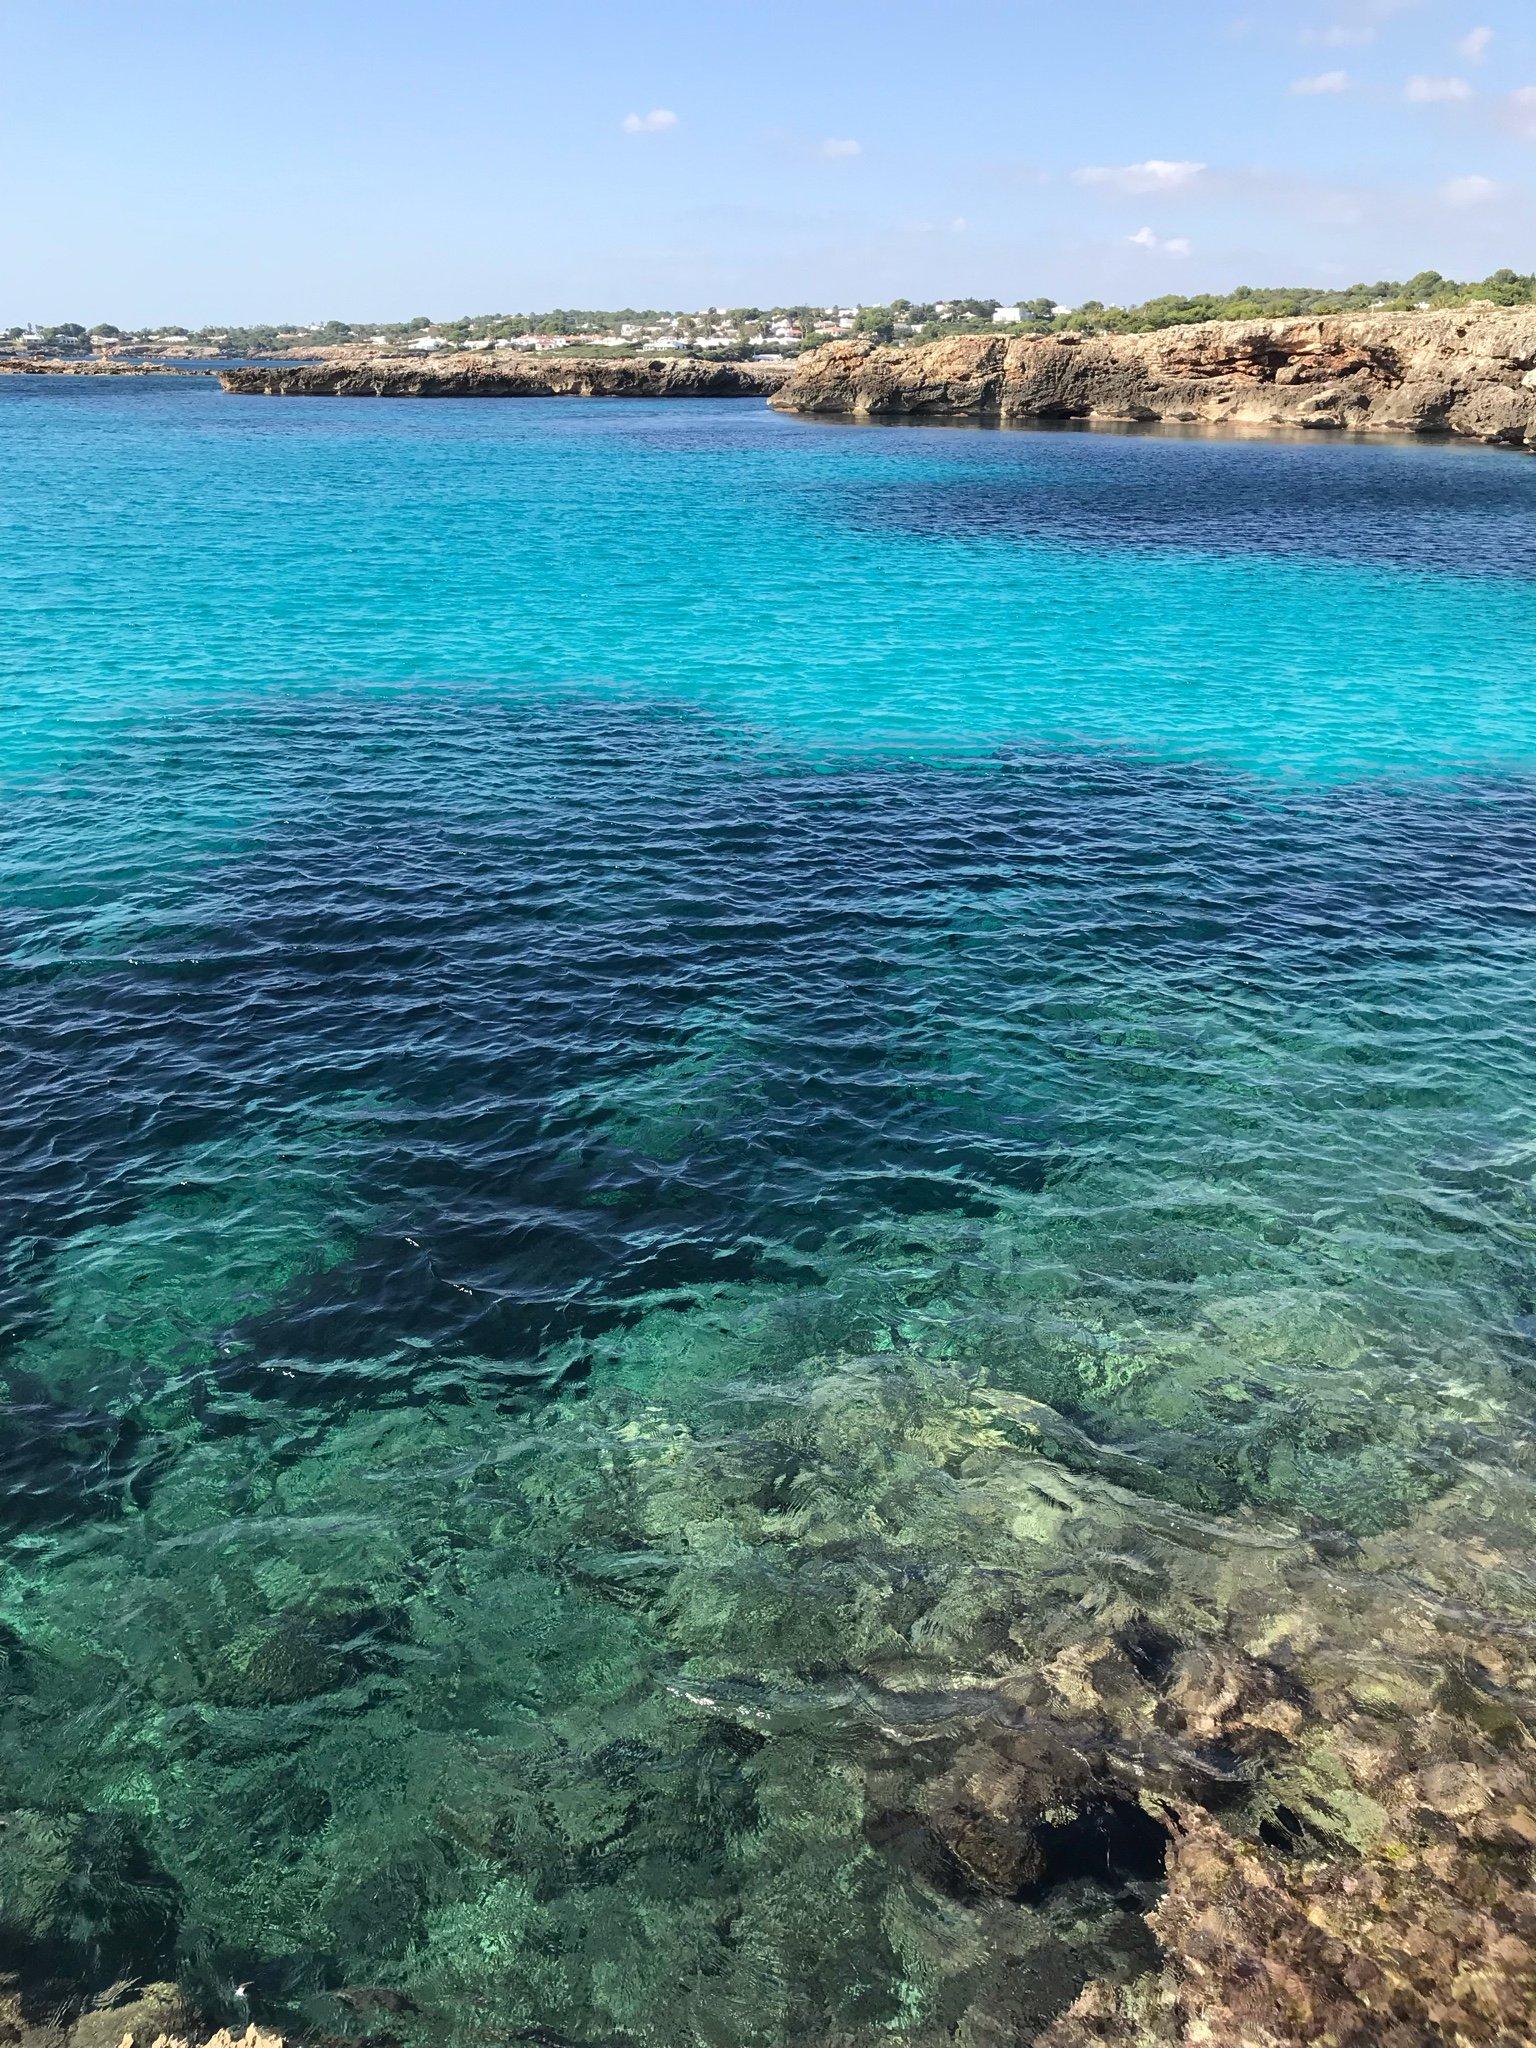 Das türkisfarbene  Meer weckt eine tiefe Sehnsucht in mir.